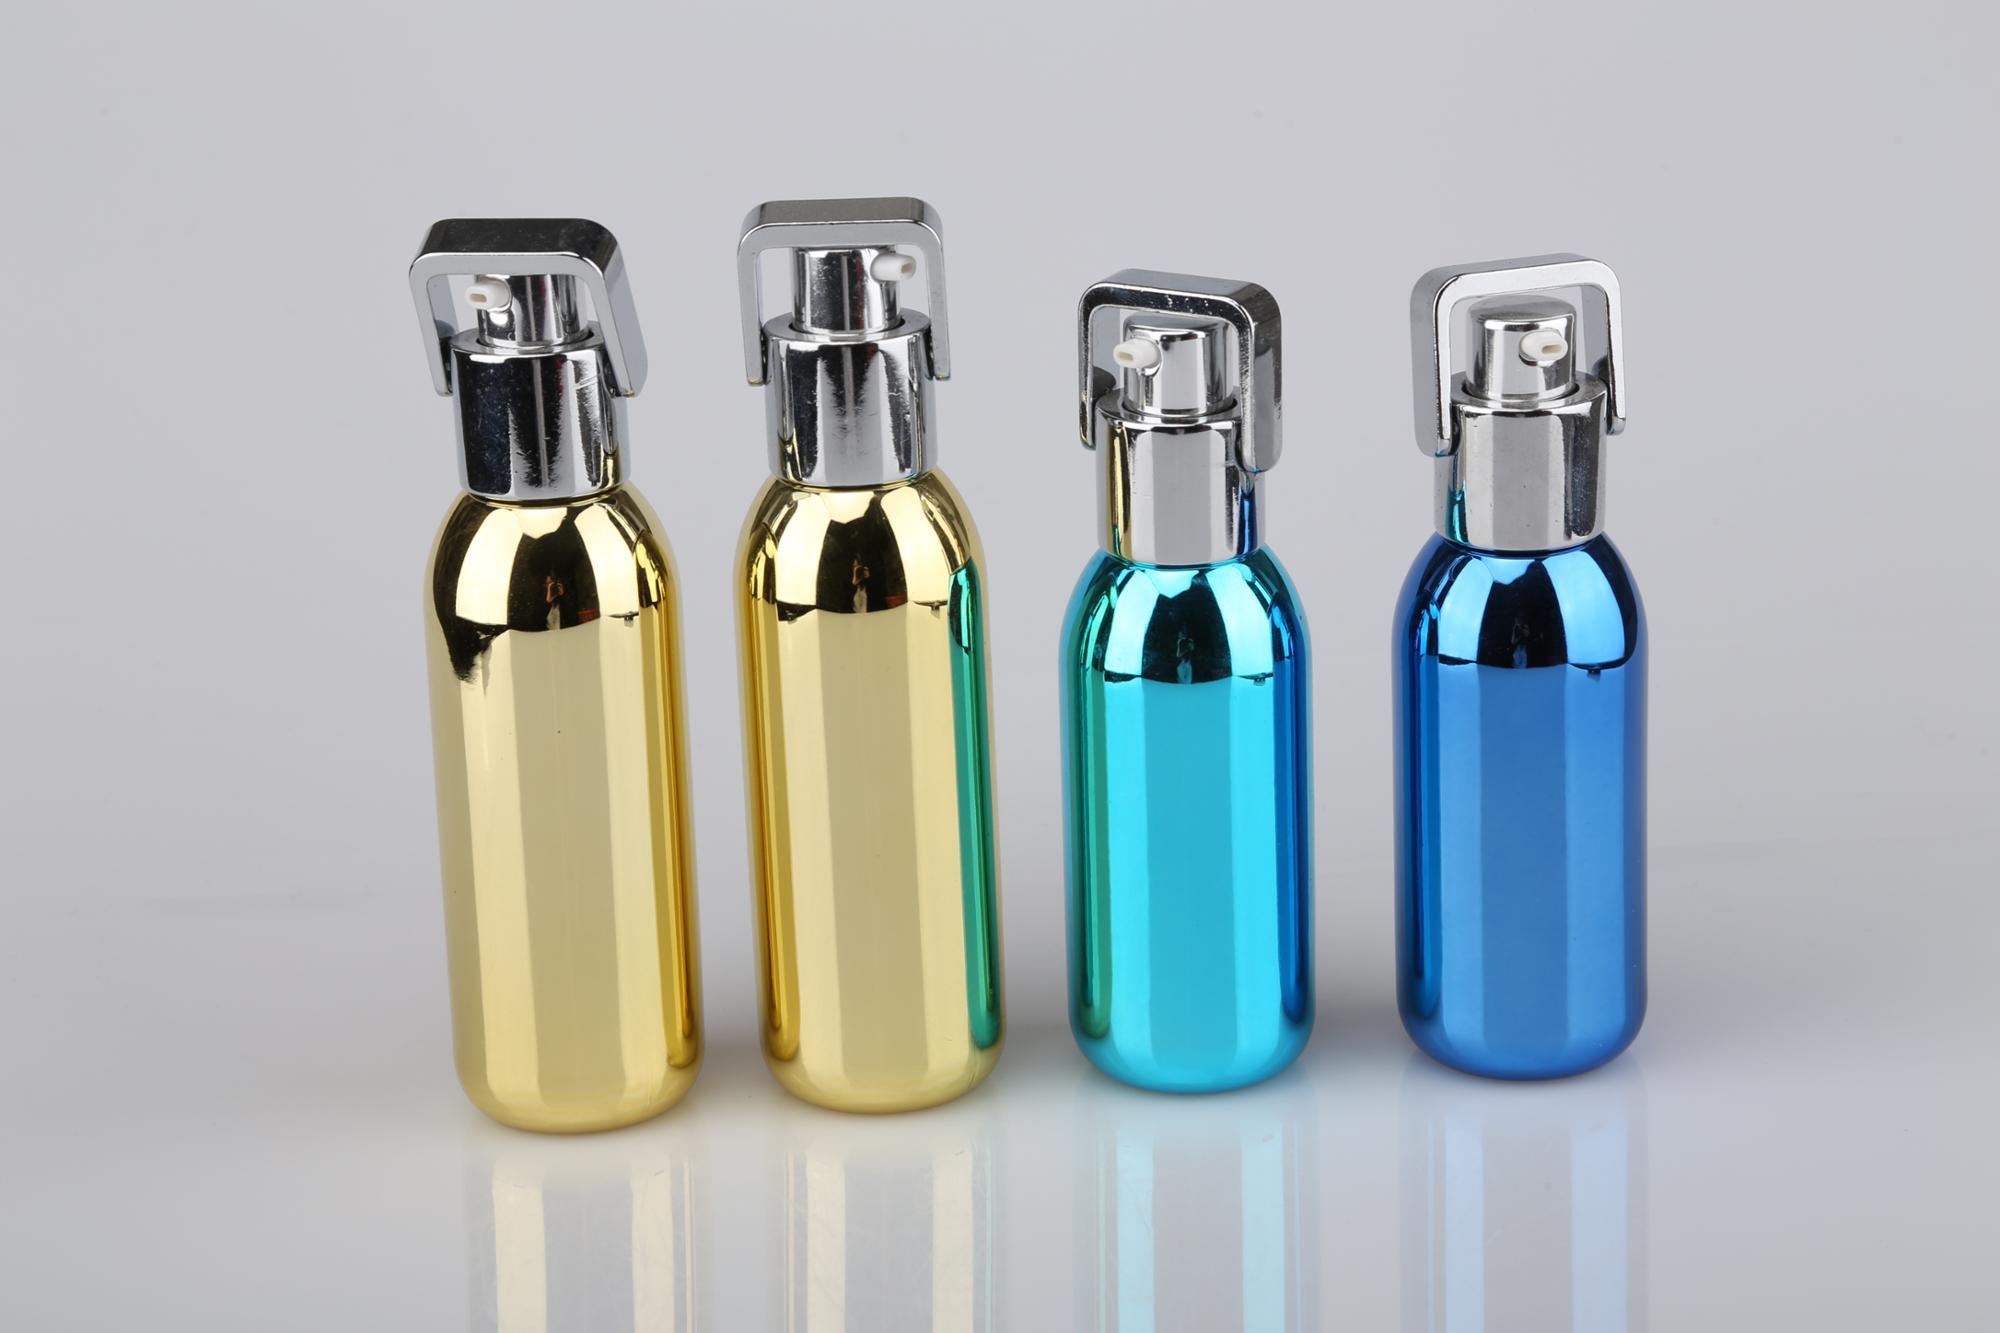 玻璃瓶电镀 电镀玻璃瓶 玻璃电镀瓶 玻璃瓶UV真空电镀